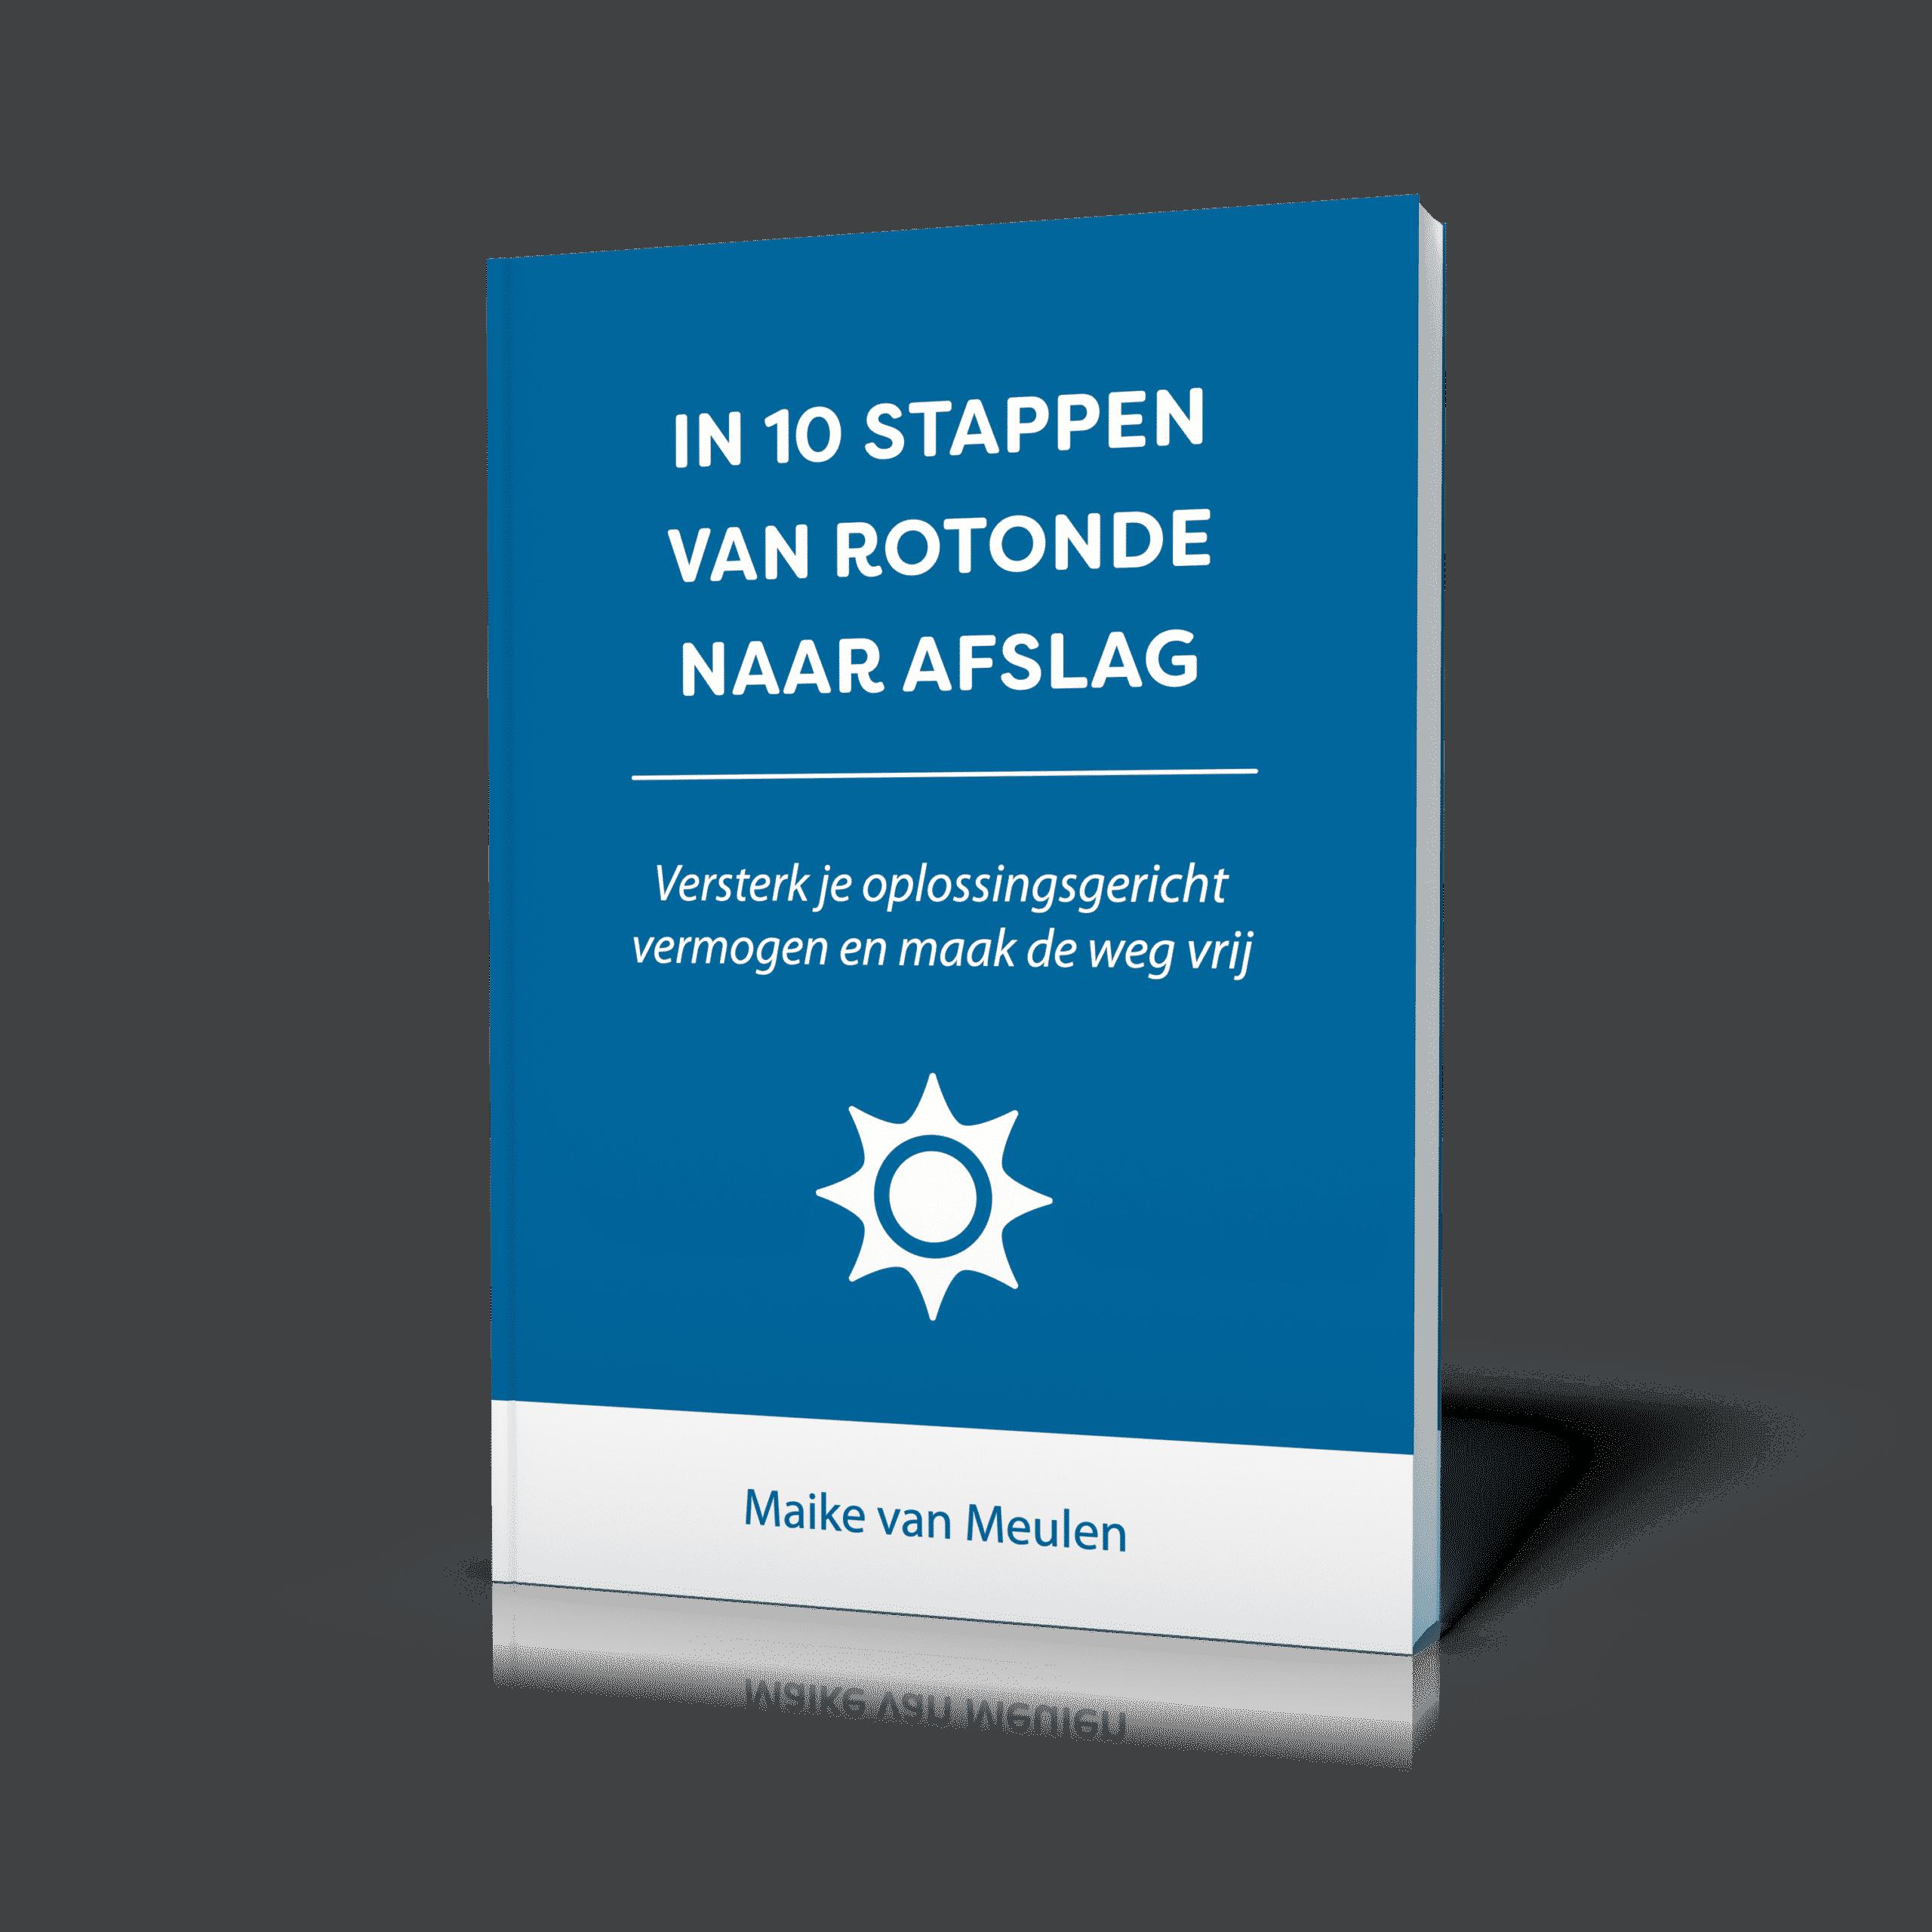 3D-Cover Maike van Meulen V1